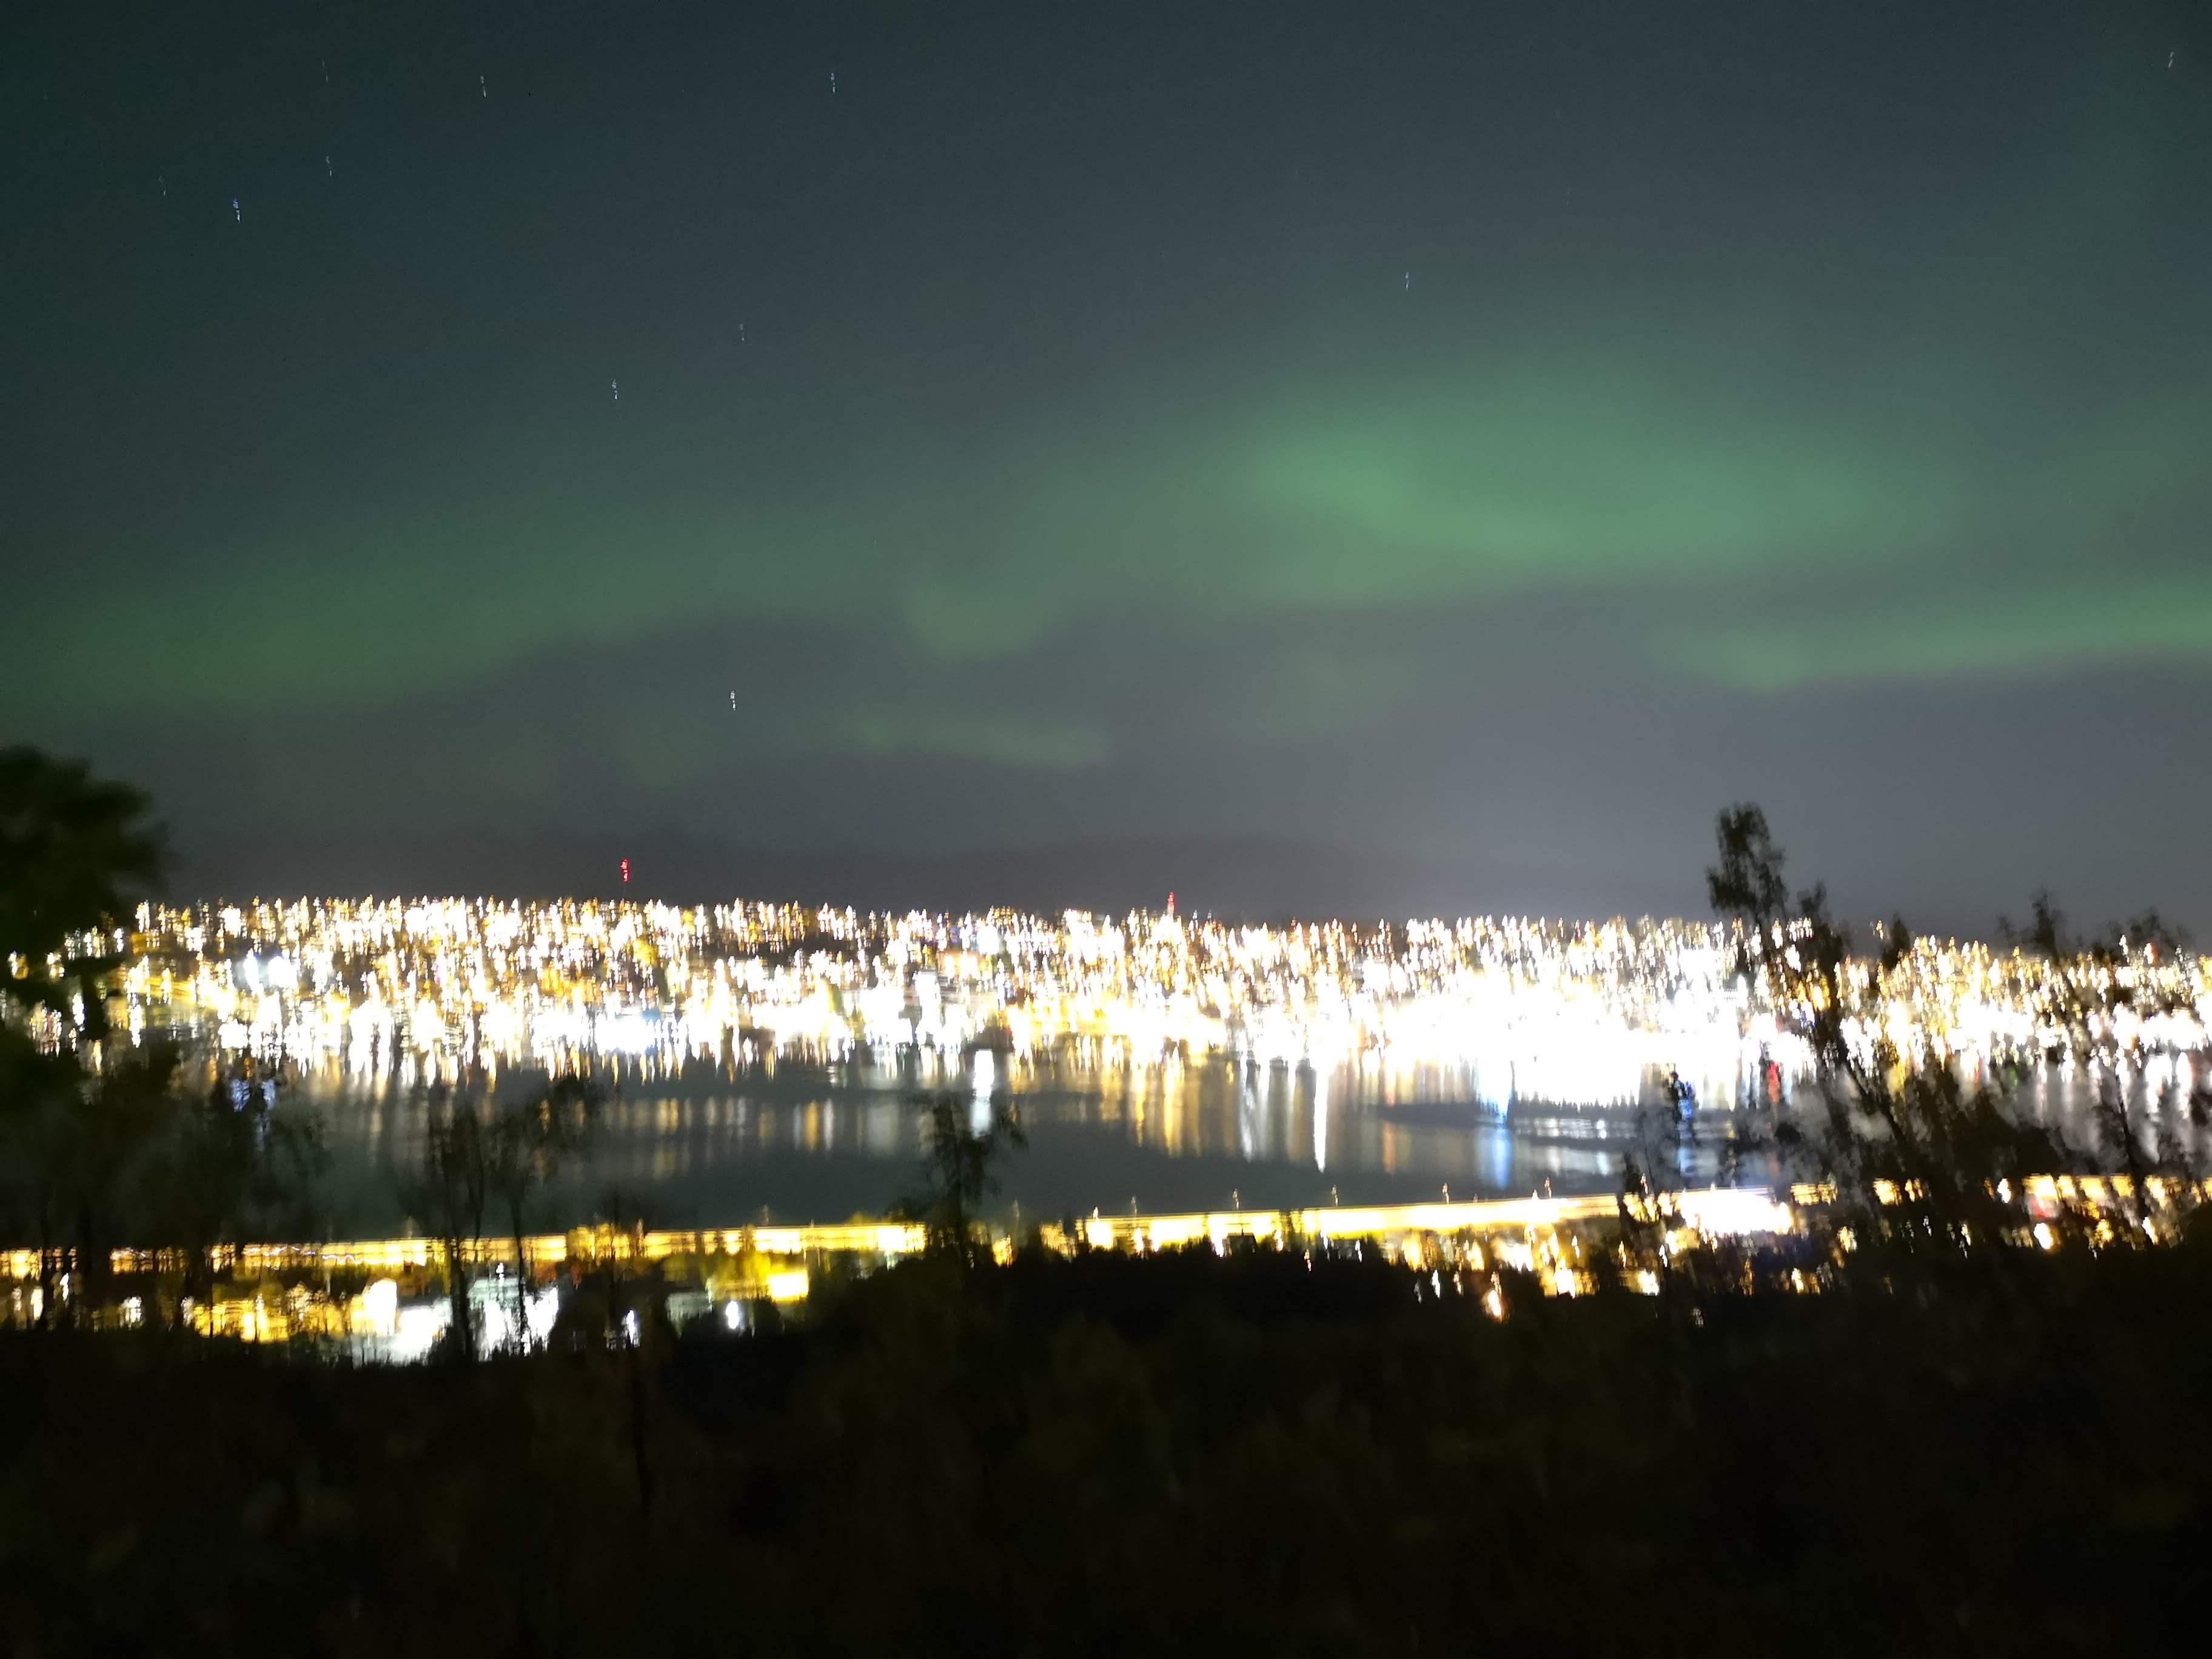 ノルウェー旅行4日目 美しいフィヨルドとオーロラ大爆発の夜